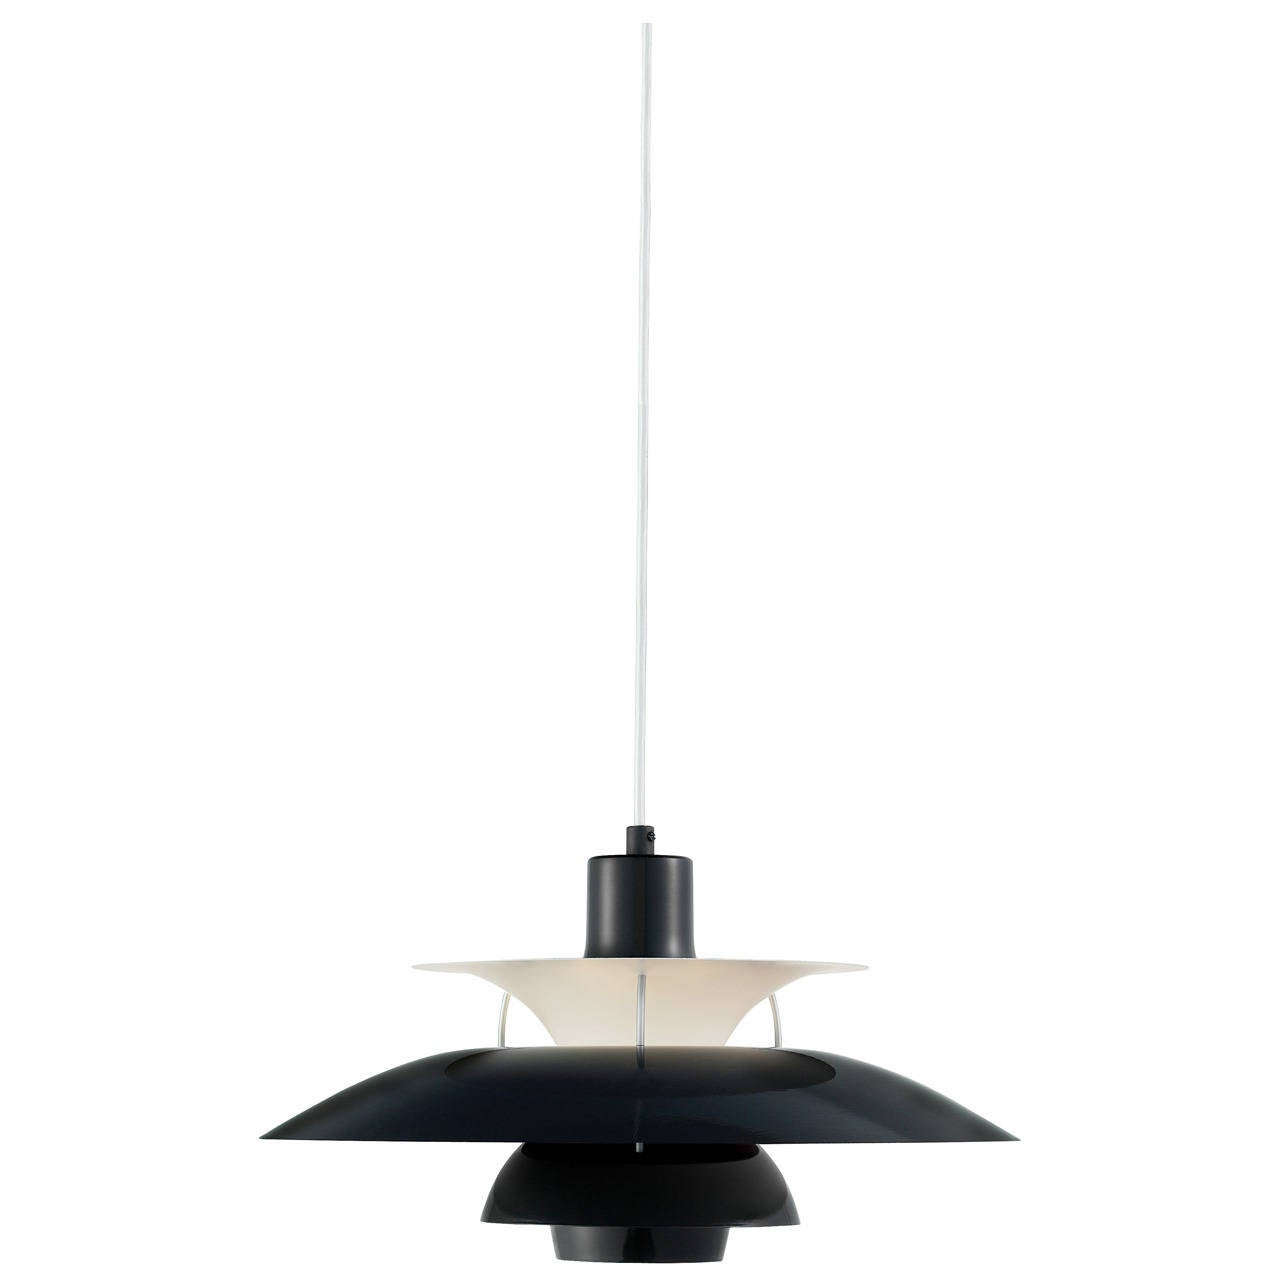 poul henningsen ph50 pendant for sale at 1stdibs. Black Bedroom Furniture Sets. Home Design Ideas